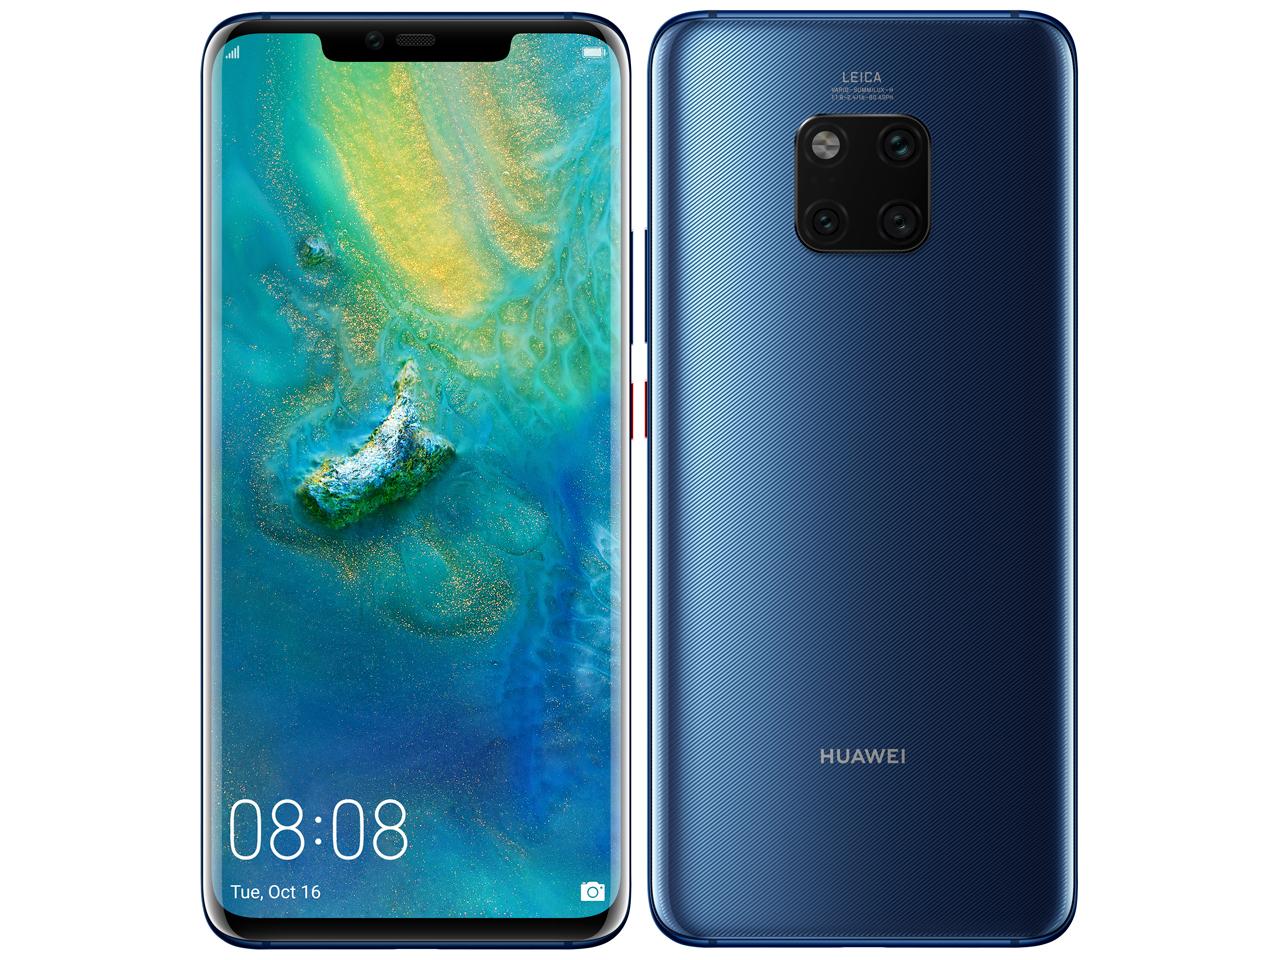 「新品 未使用品 」SIMフリー Huawei(ファーウェイ) Mate20 pro blue [LYA-L09][SoftbankからSIMロック解除済み]